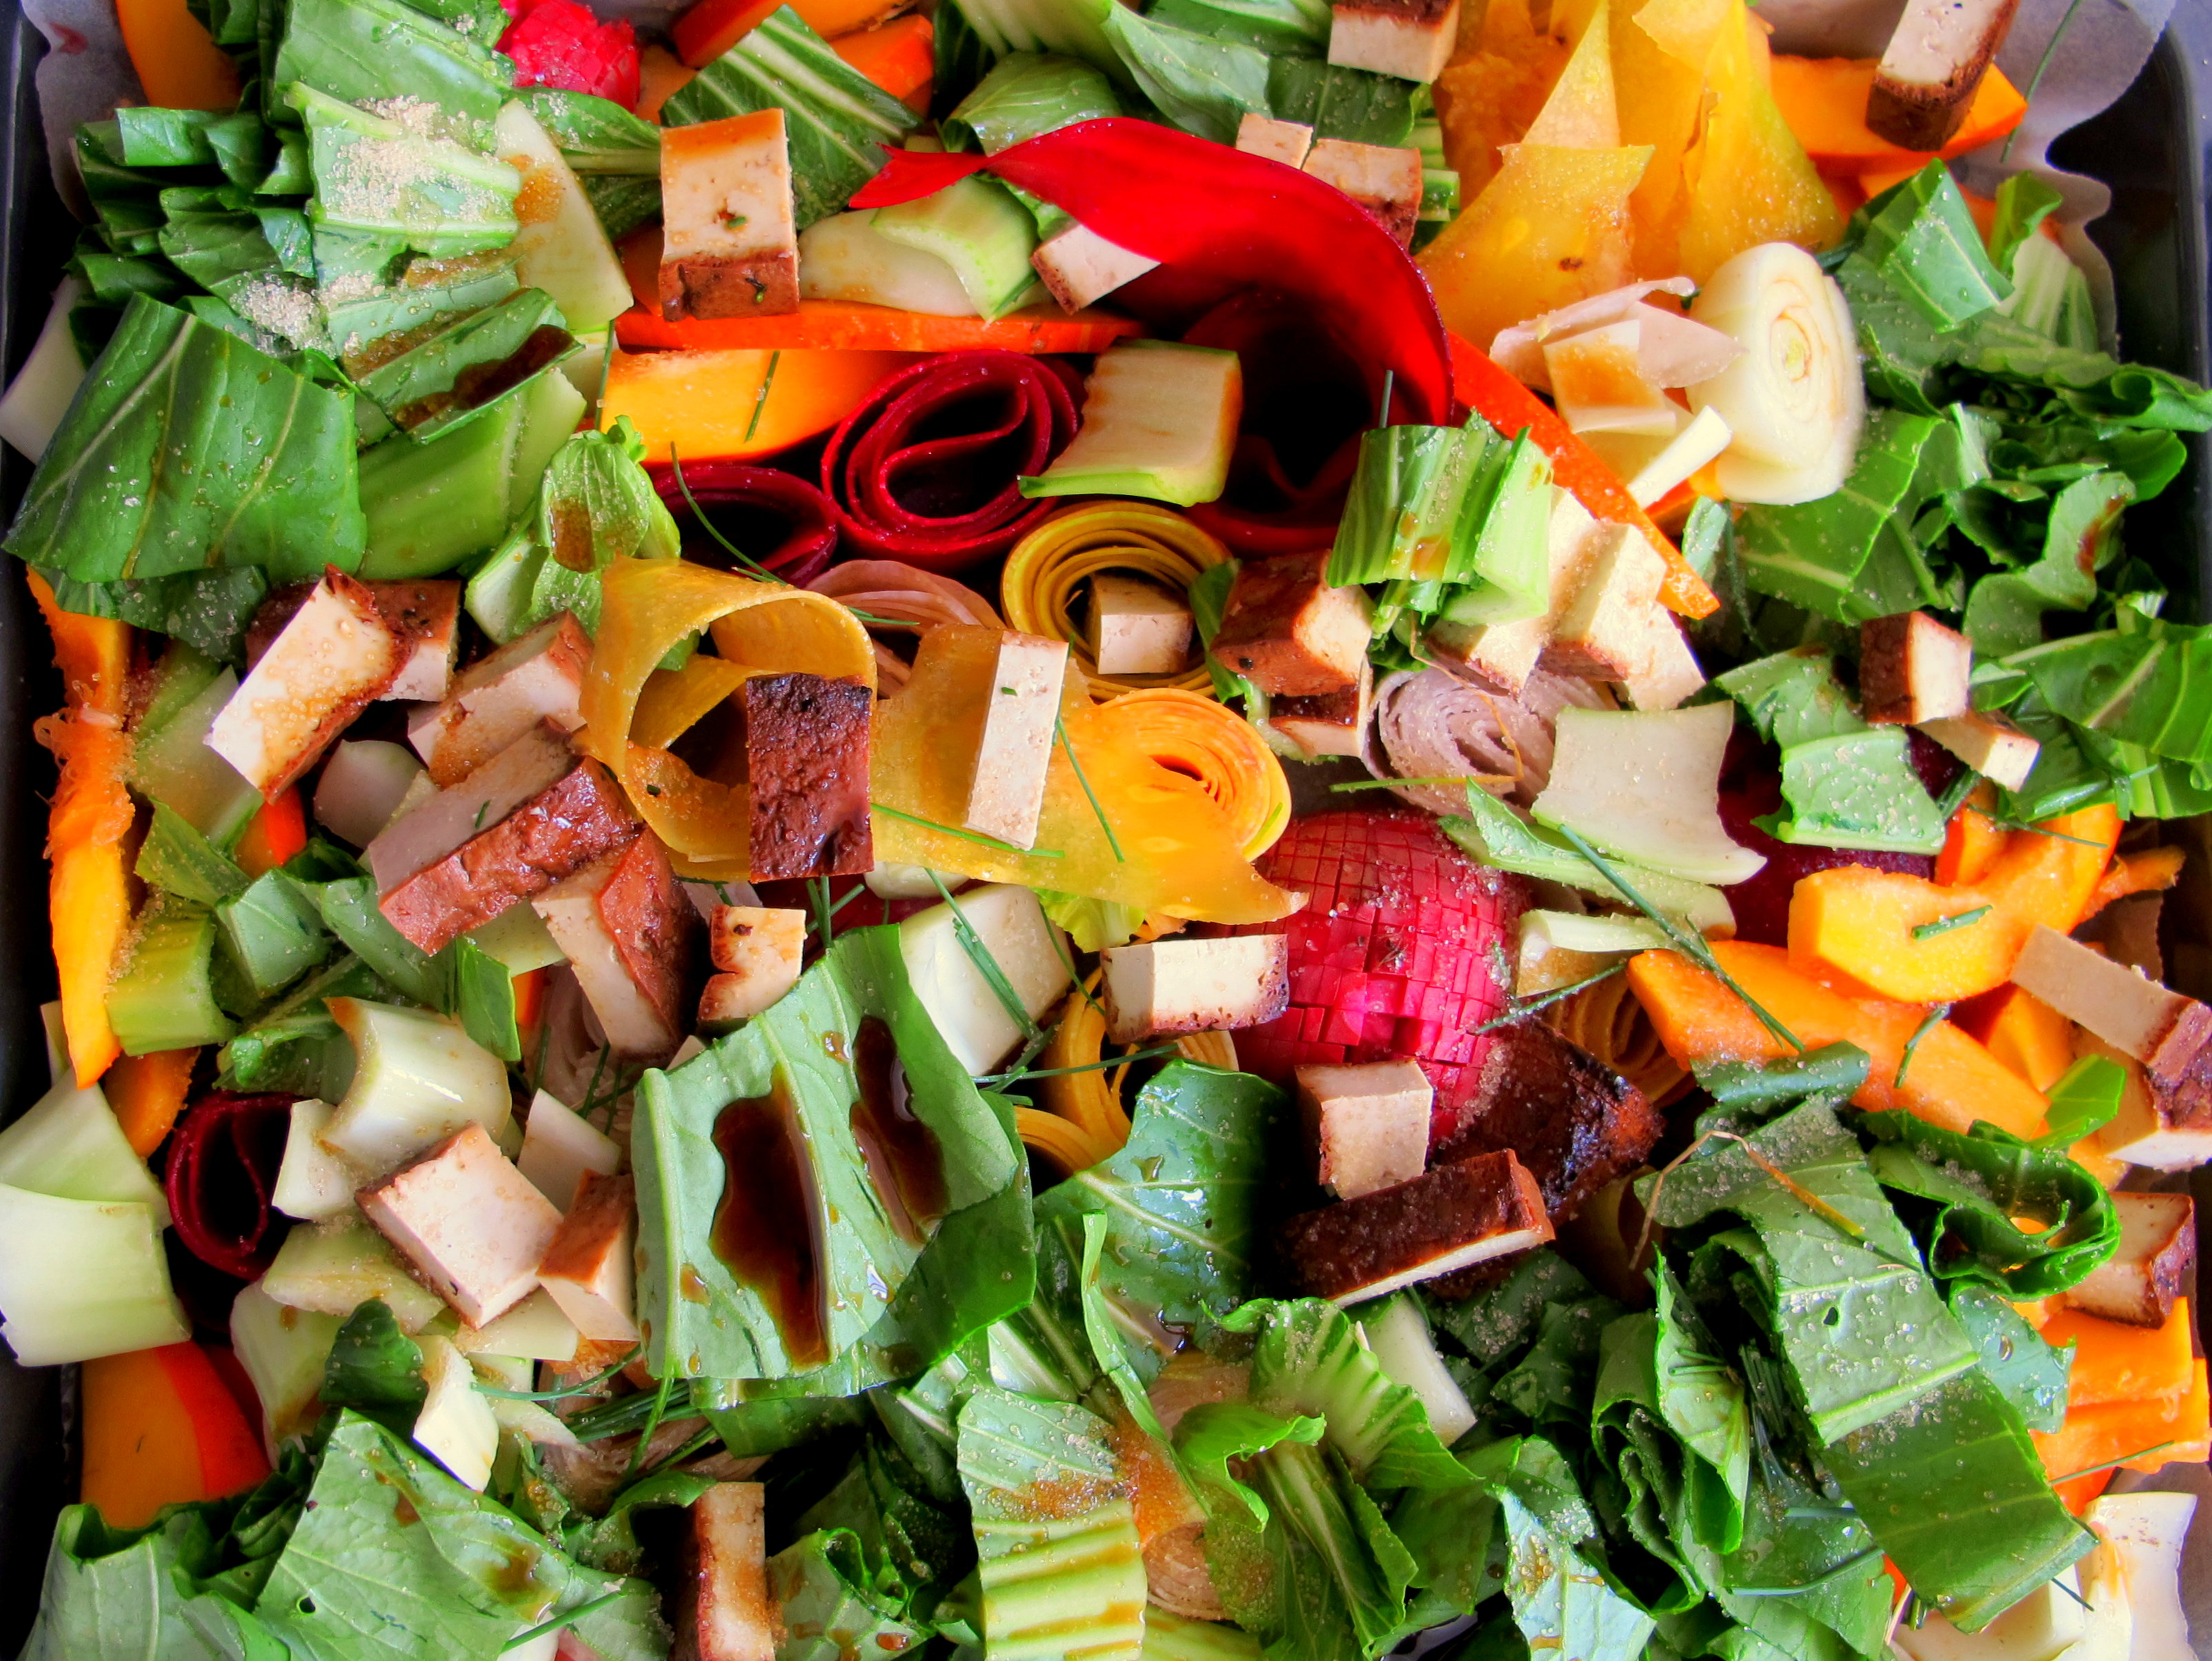 ירקות מתובלים בסויה, סוכר, לימון ועירית לפני כניסה לתנור.